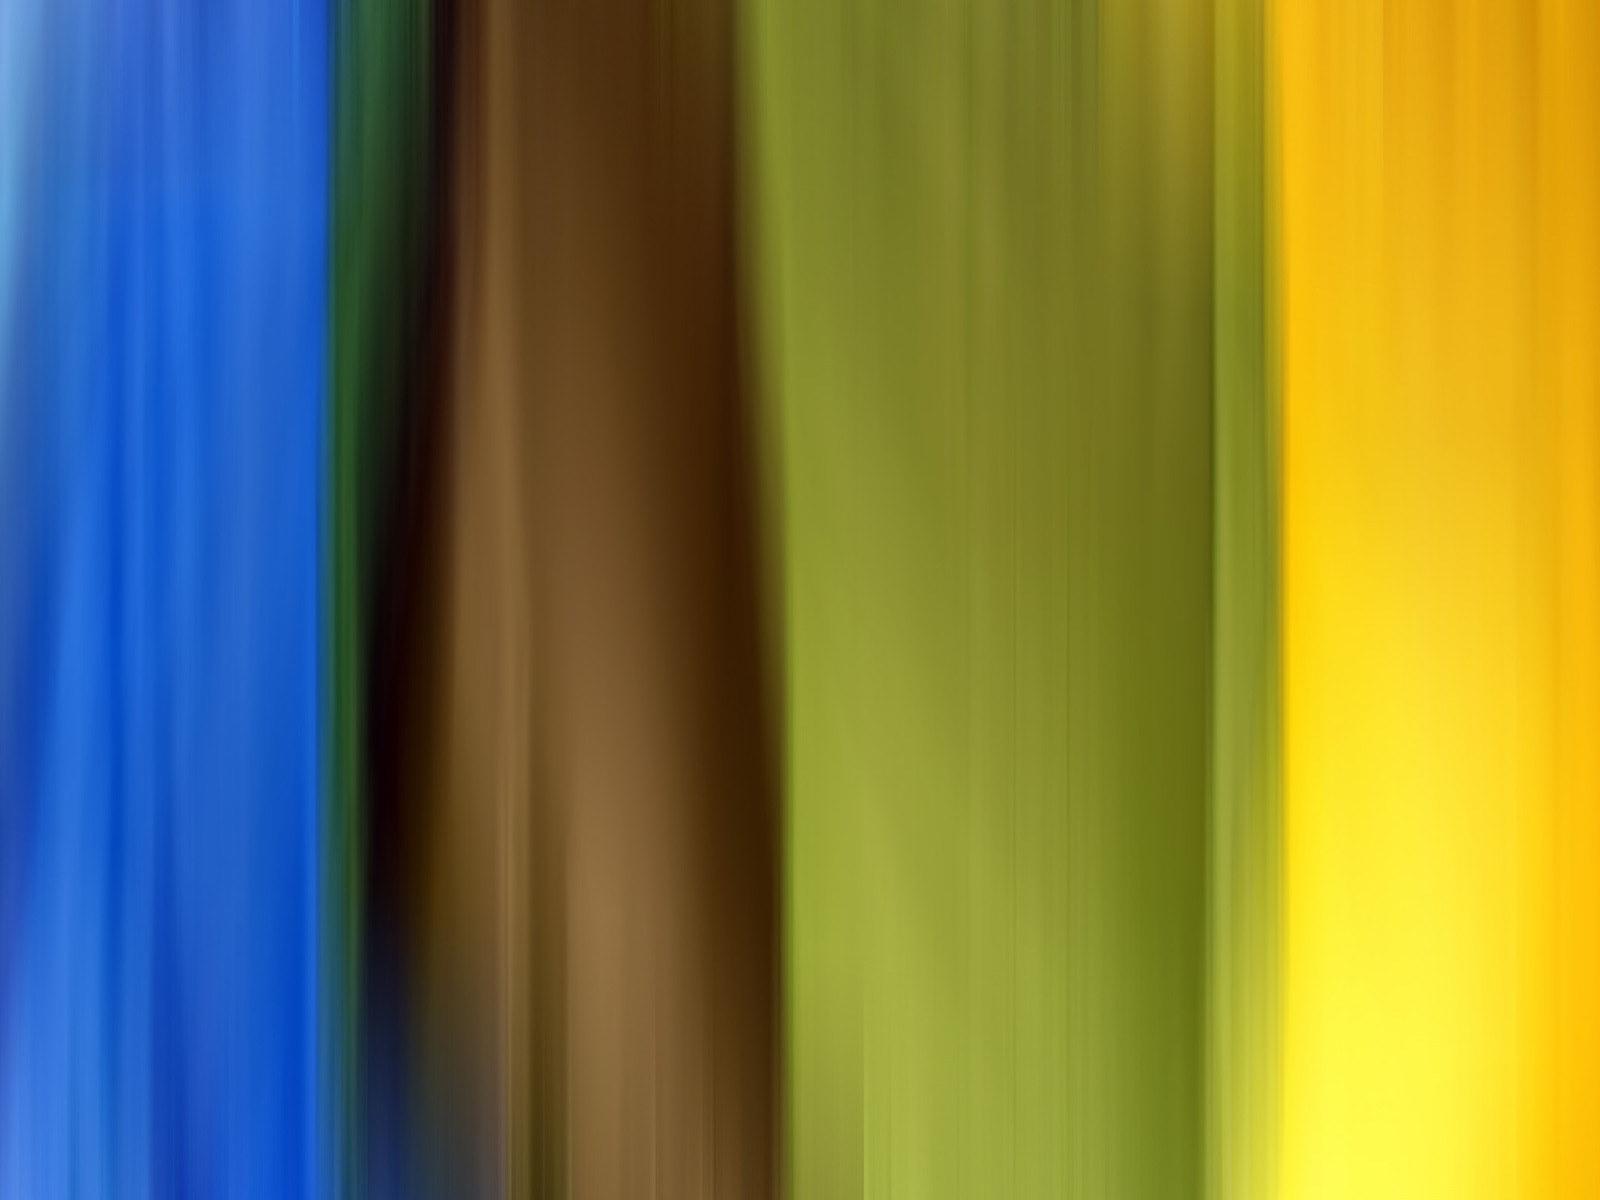 浅蓝桌面背景纯色